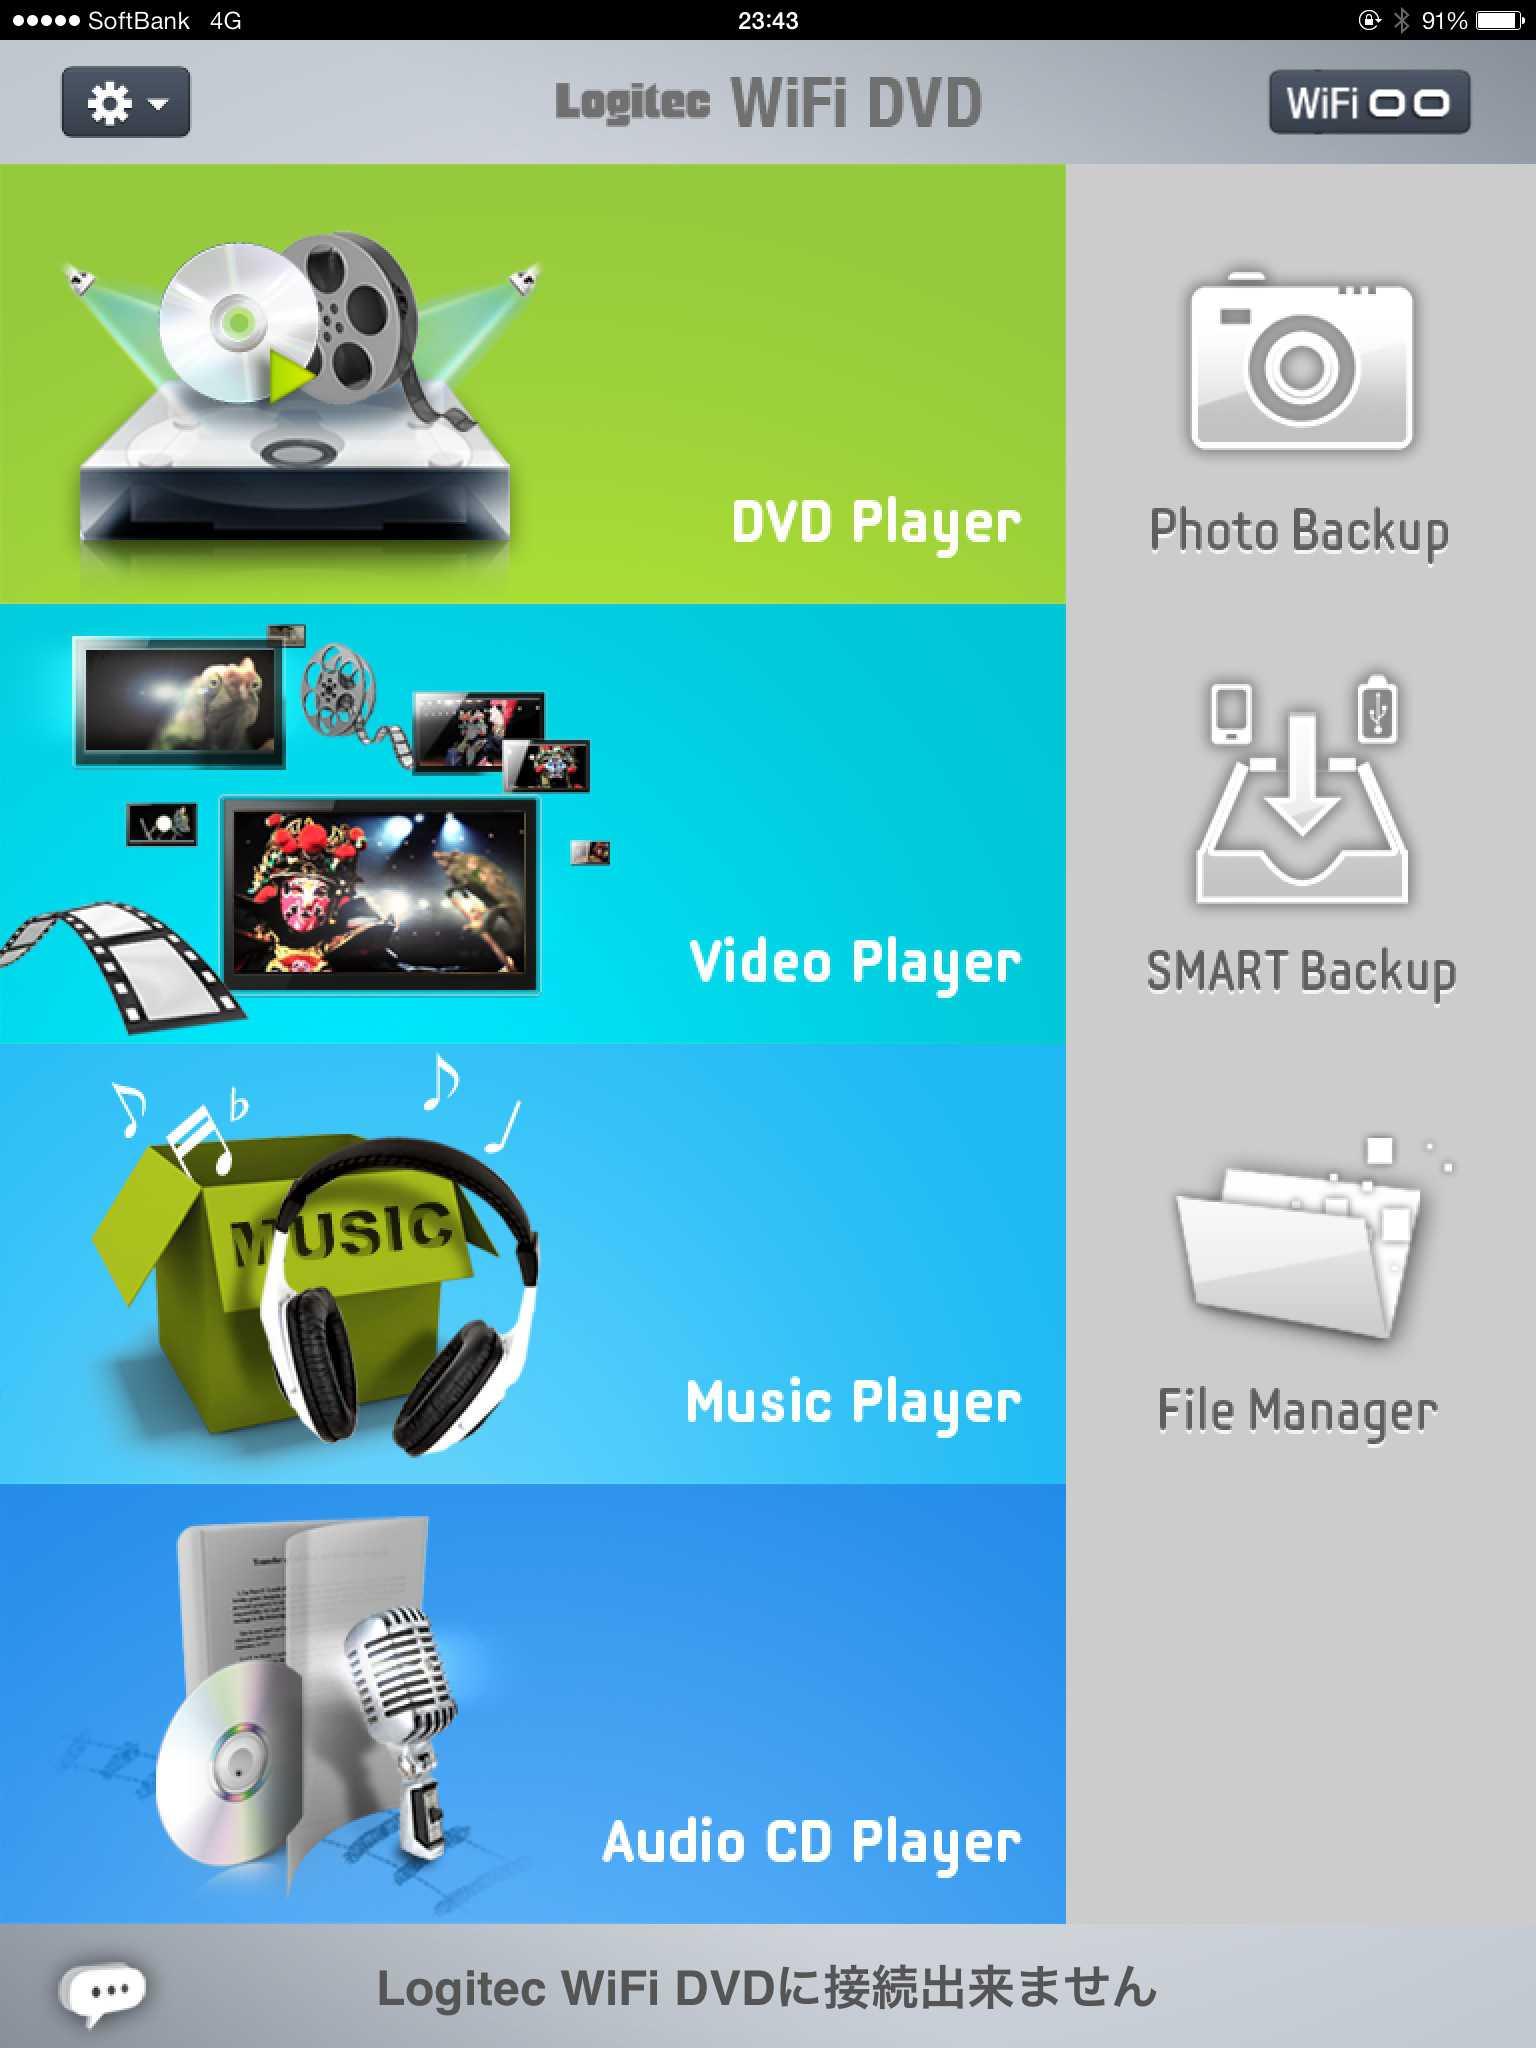 USBメモリを本体にさせばその中にある動画や音楽も無線経由でiPhone/iPadで再生可能。